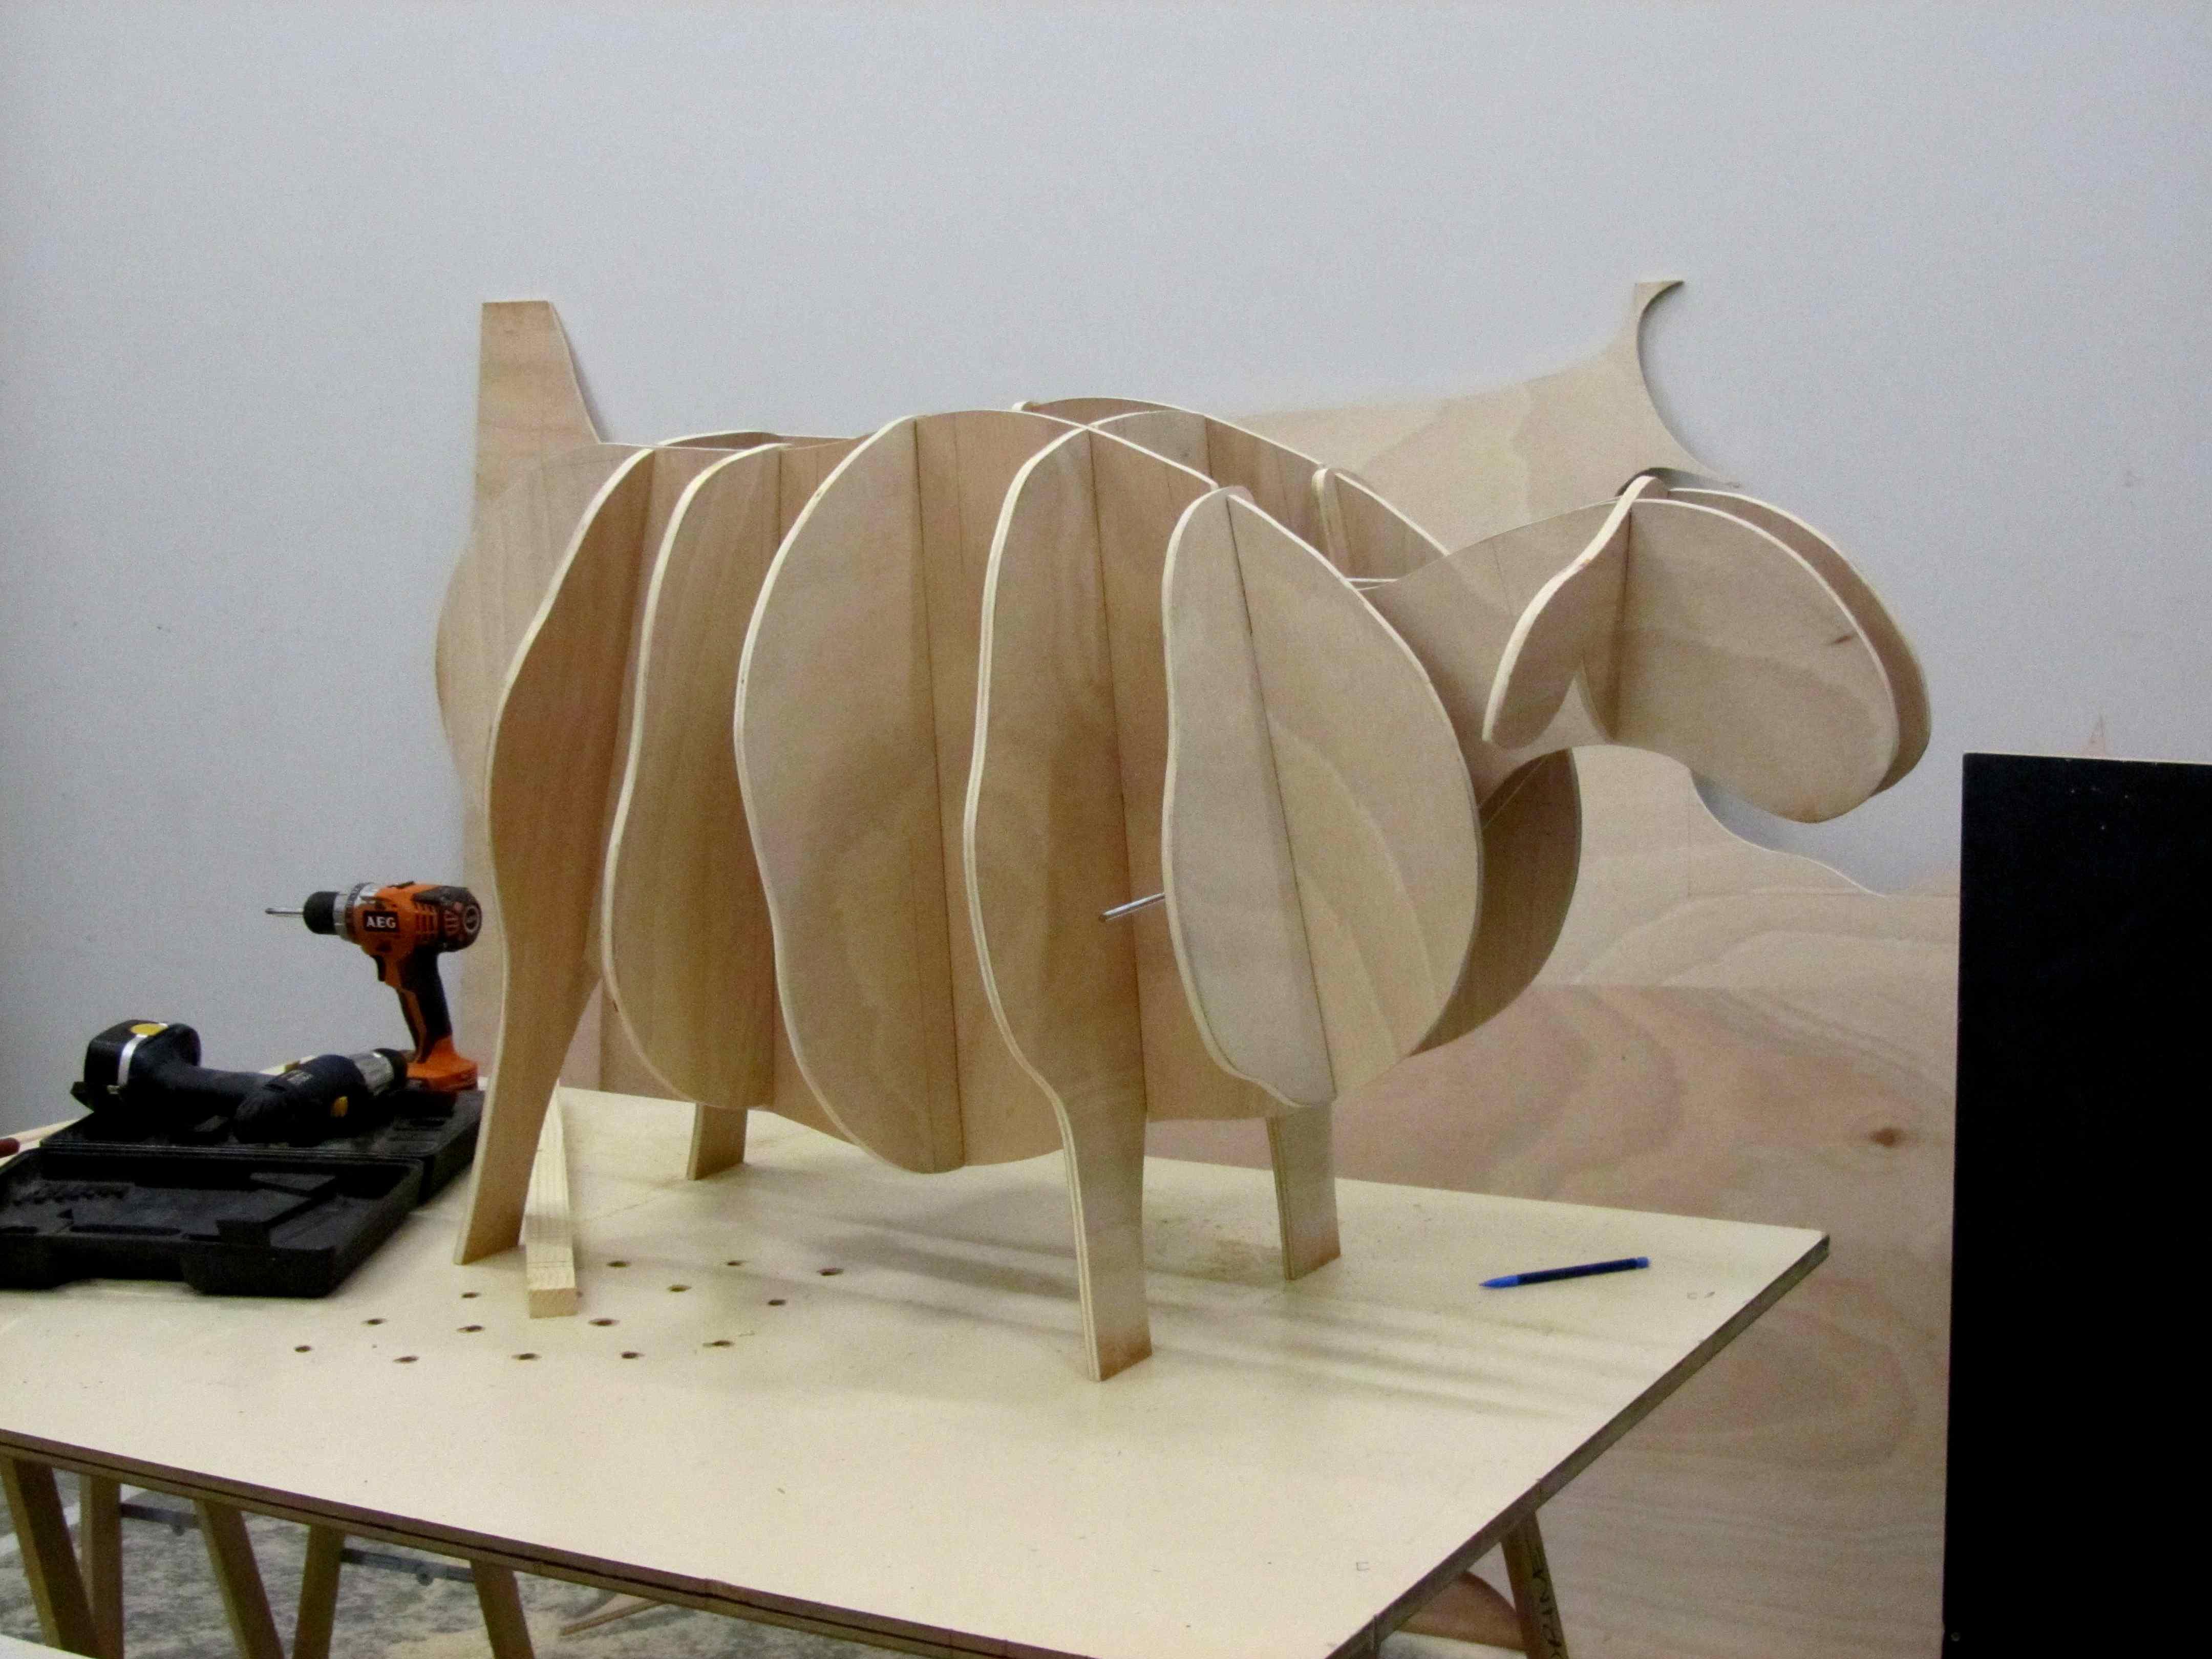 mouton construction